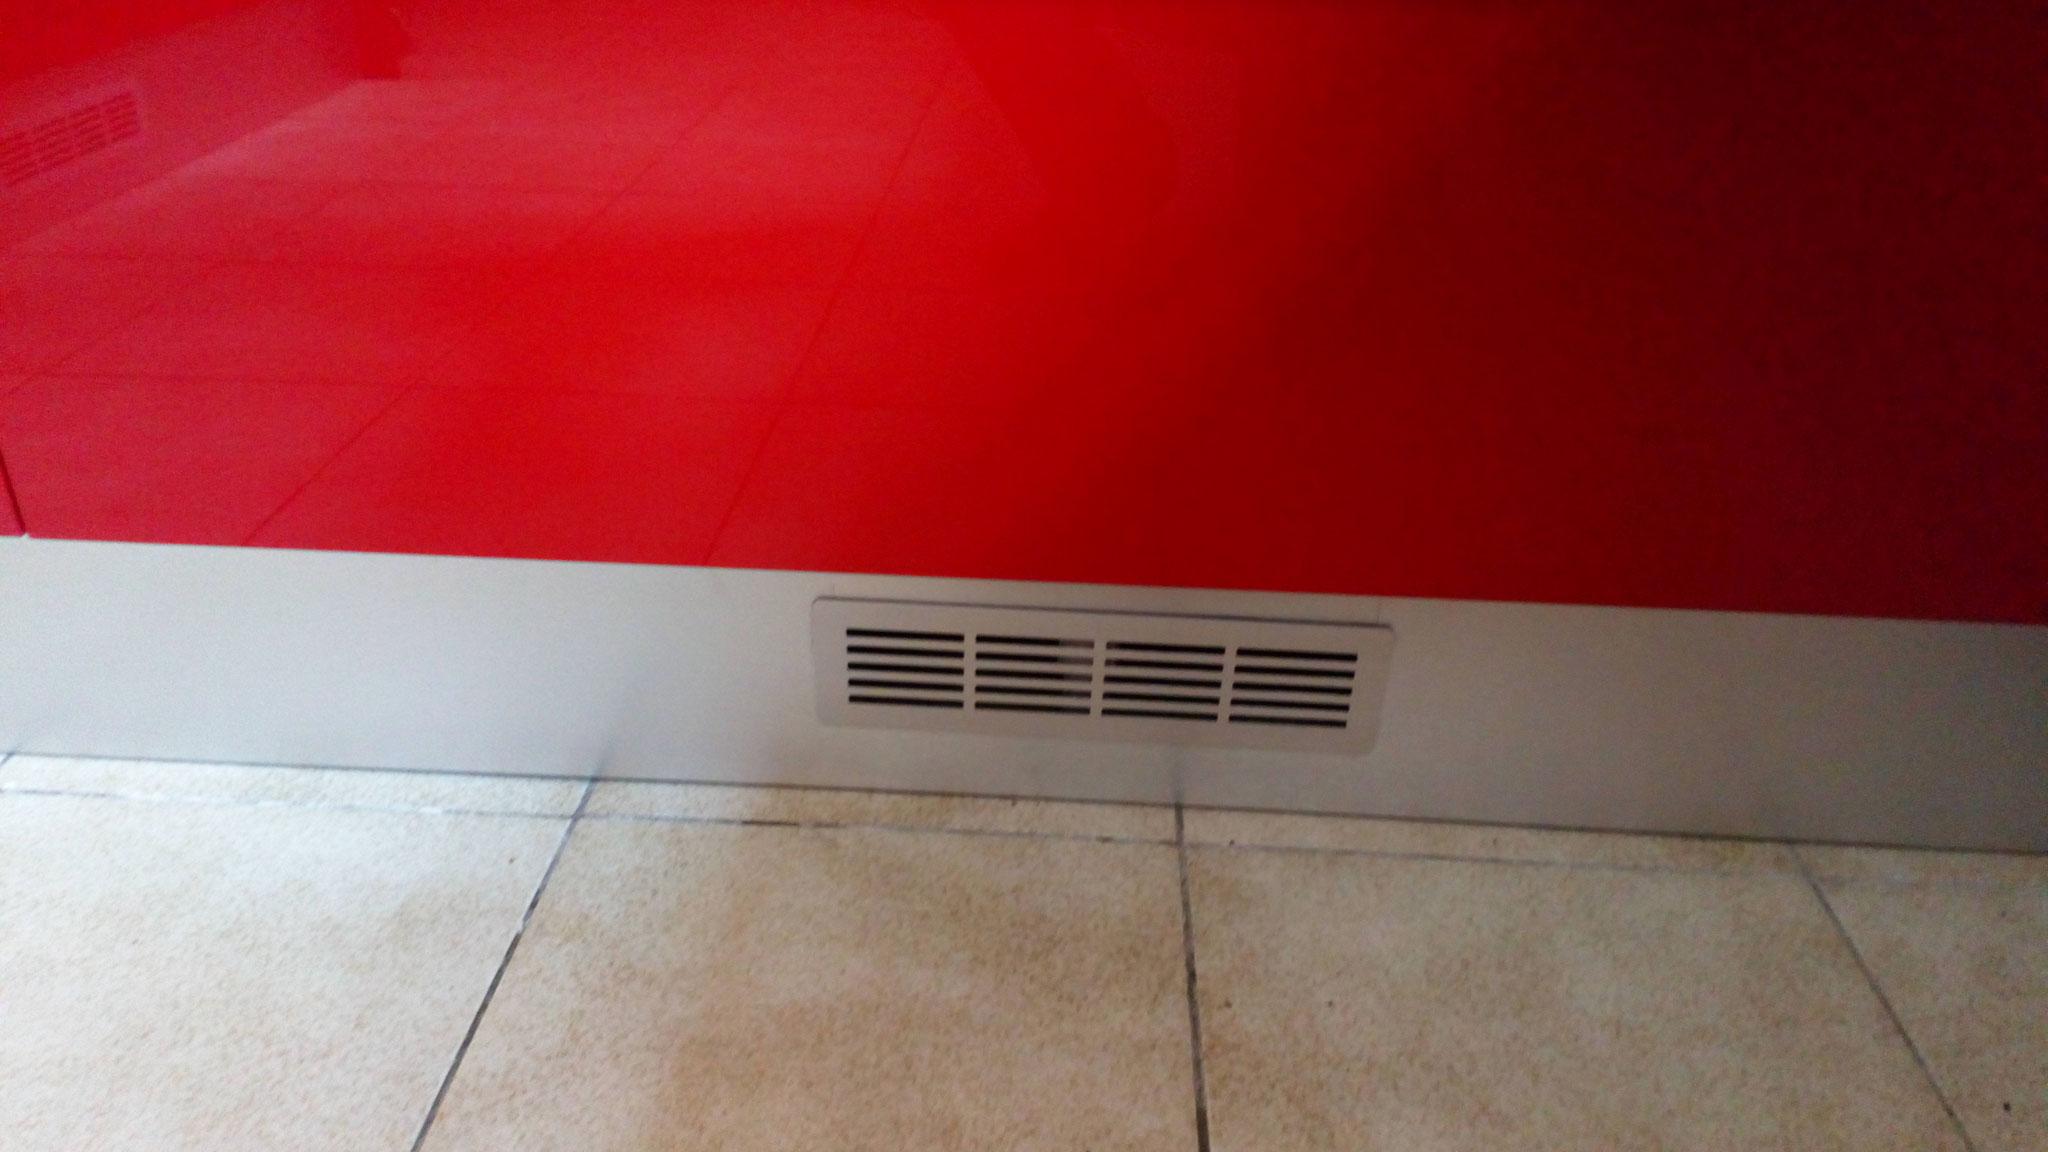 Grille de ventilation pour appareils électroménagers